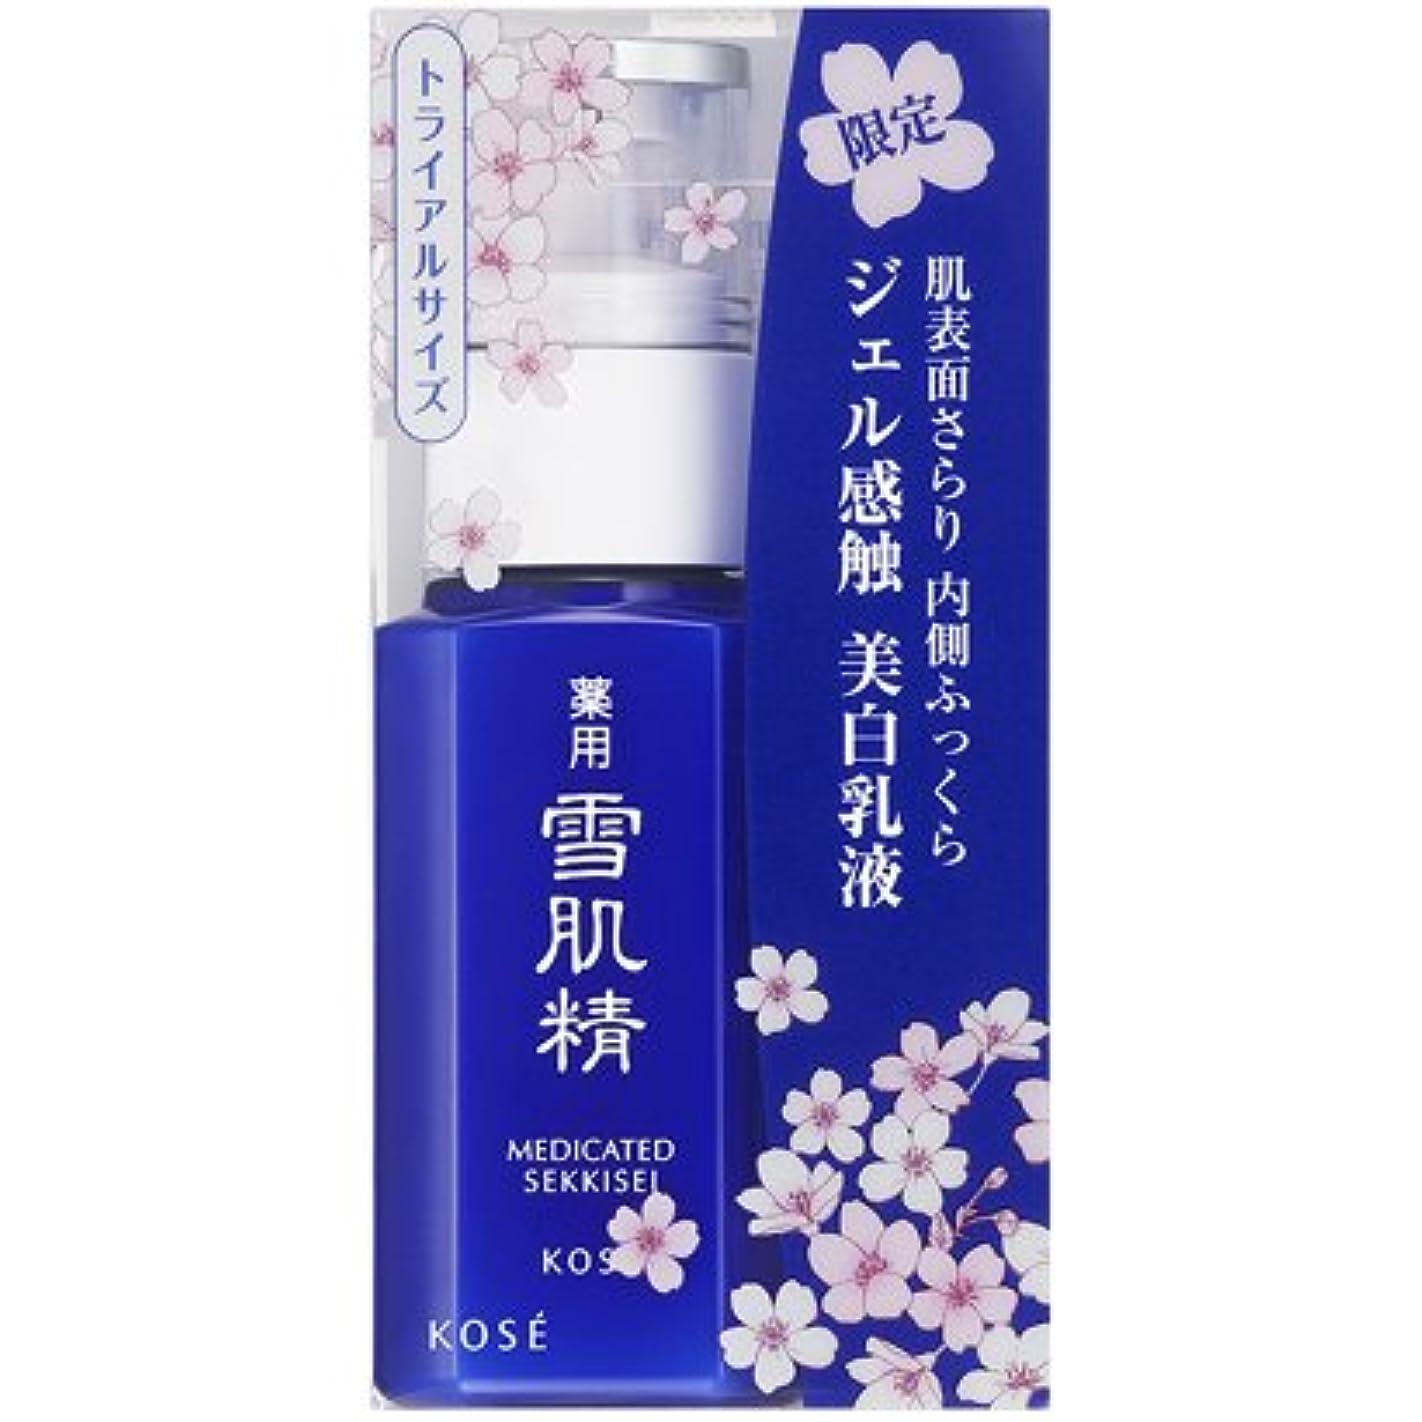 仕える牧草地化石コーセー 薬用 雪肌精 乳液(ハーフサイズ) 【桜】 70mL